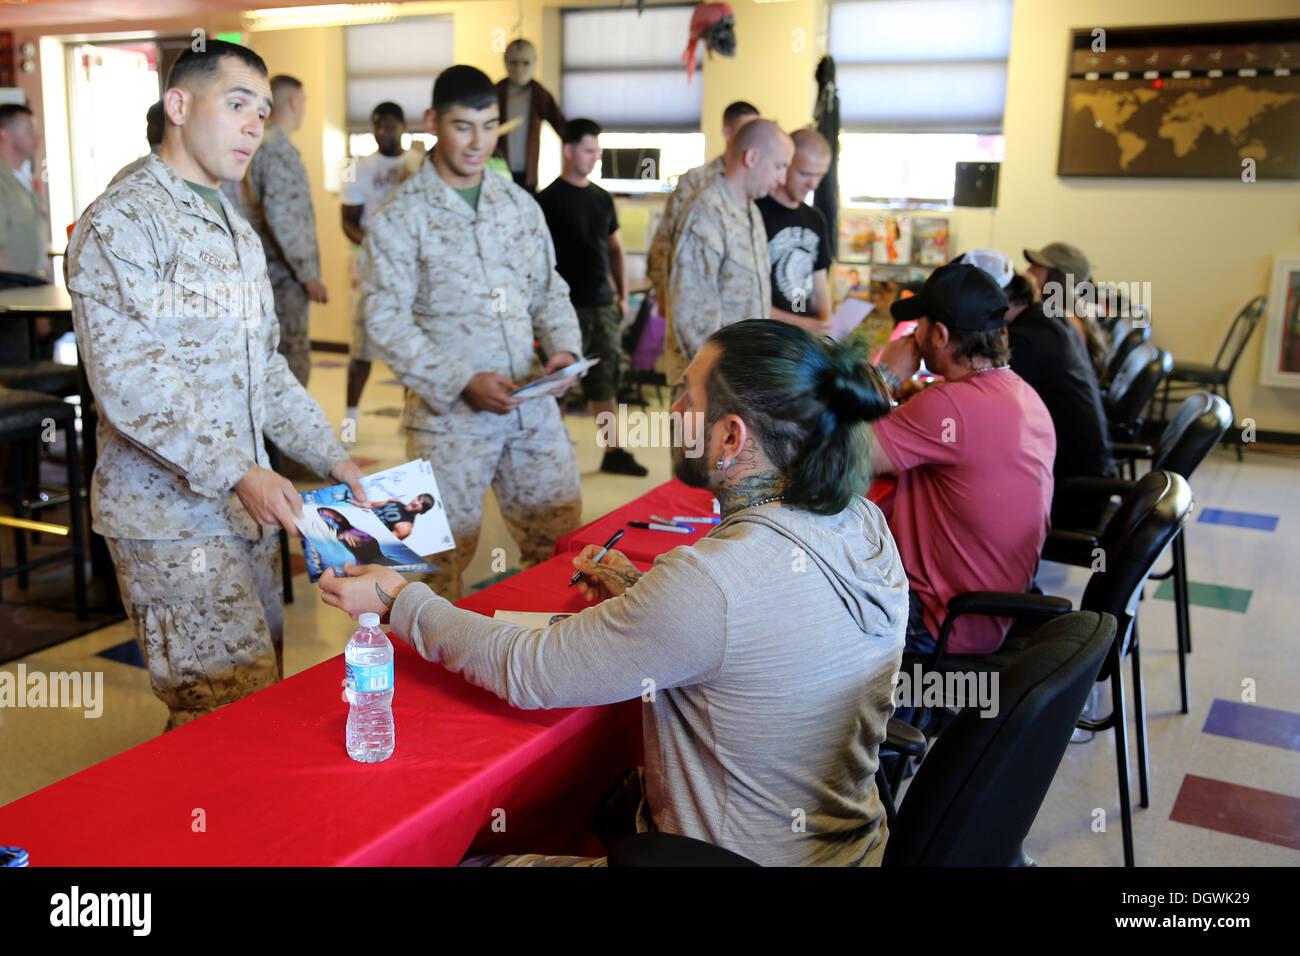 Recevoir des autographes de Marines Impact wrestling stars, Jeff Hardy, A.J. Styles, Brooke, et l'artilleur, Photo Stock